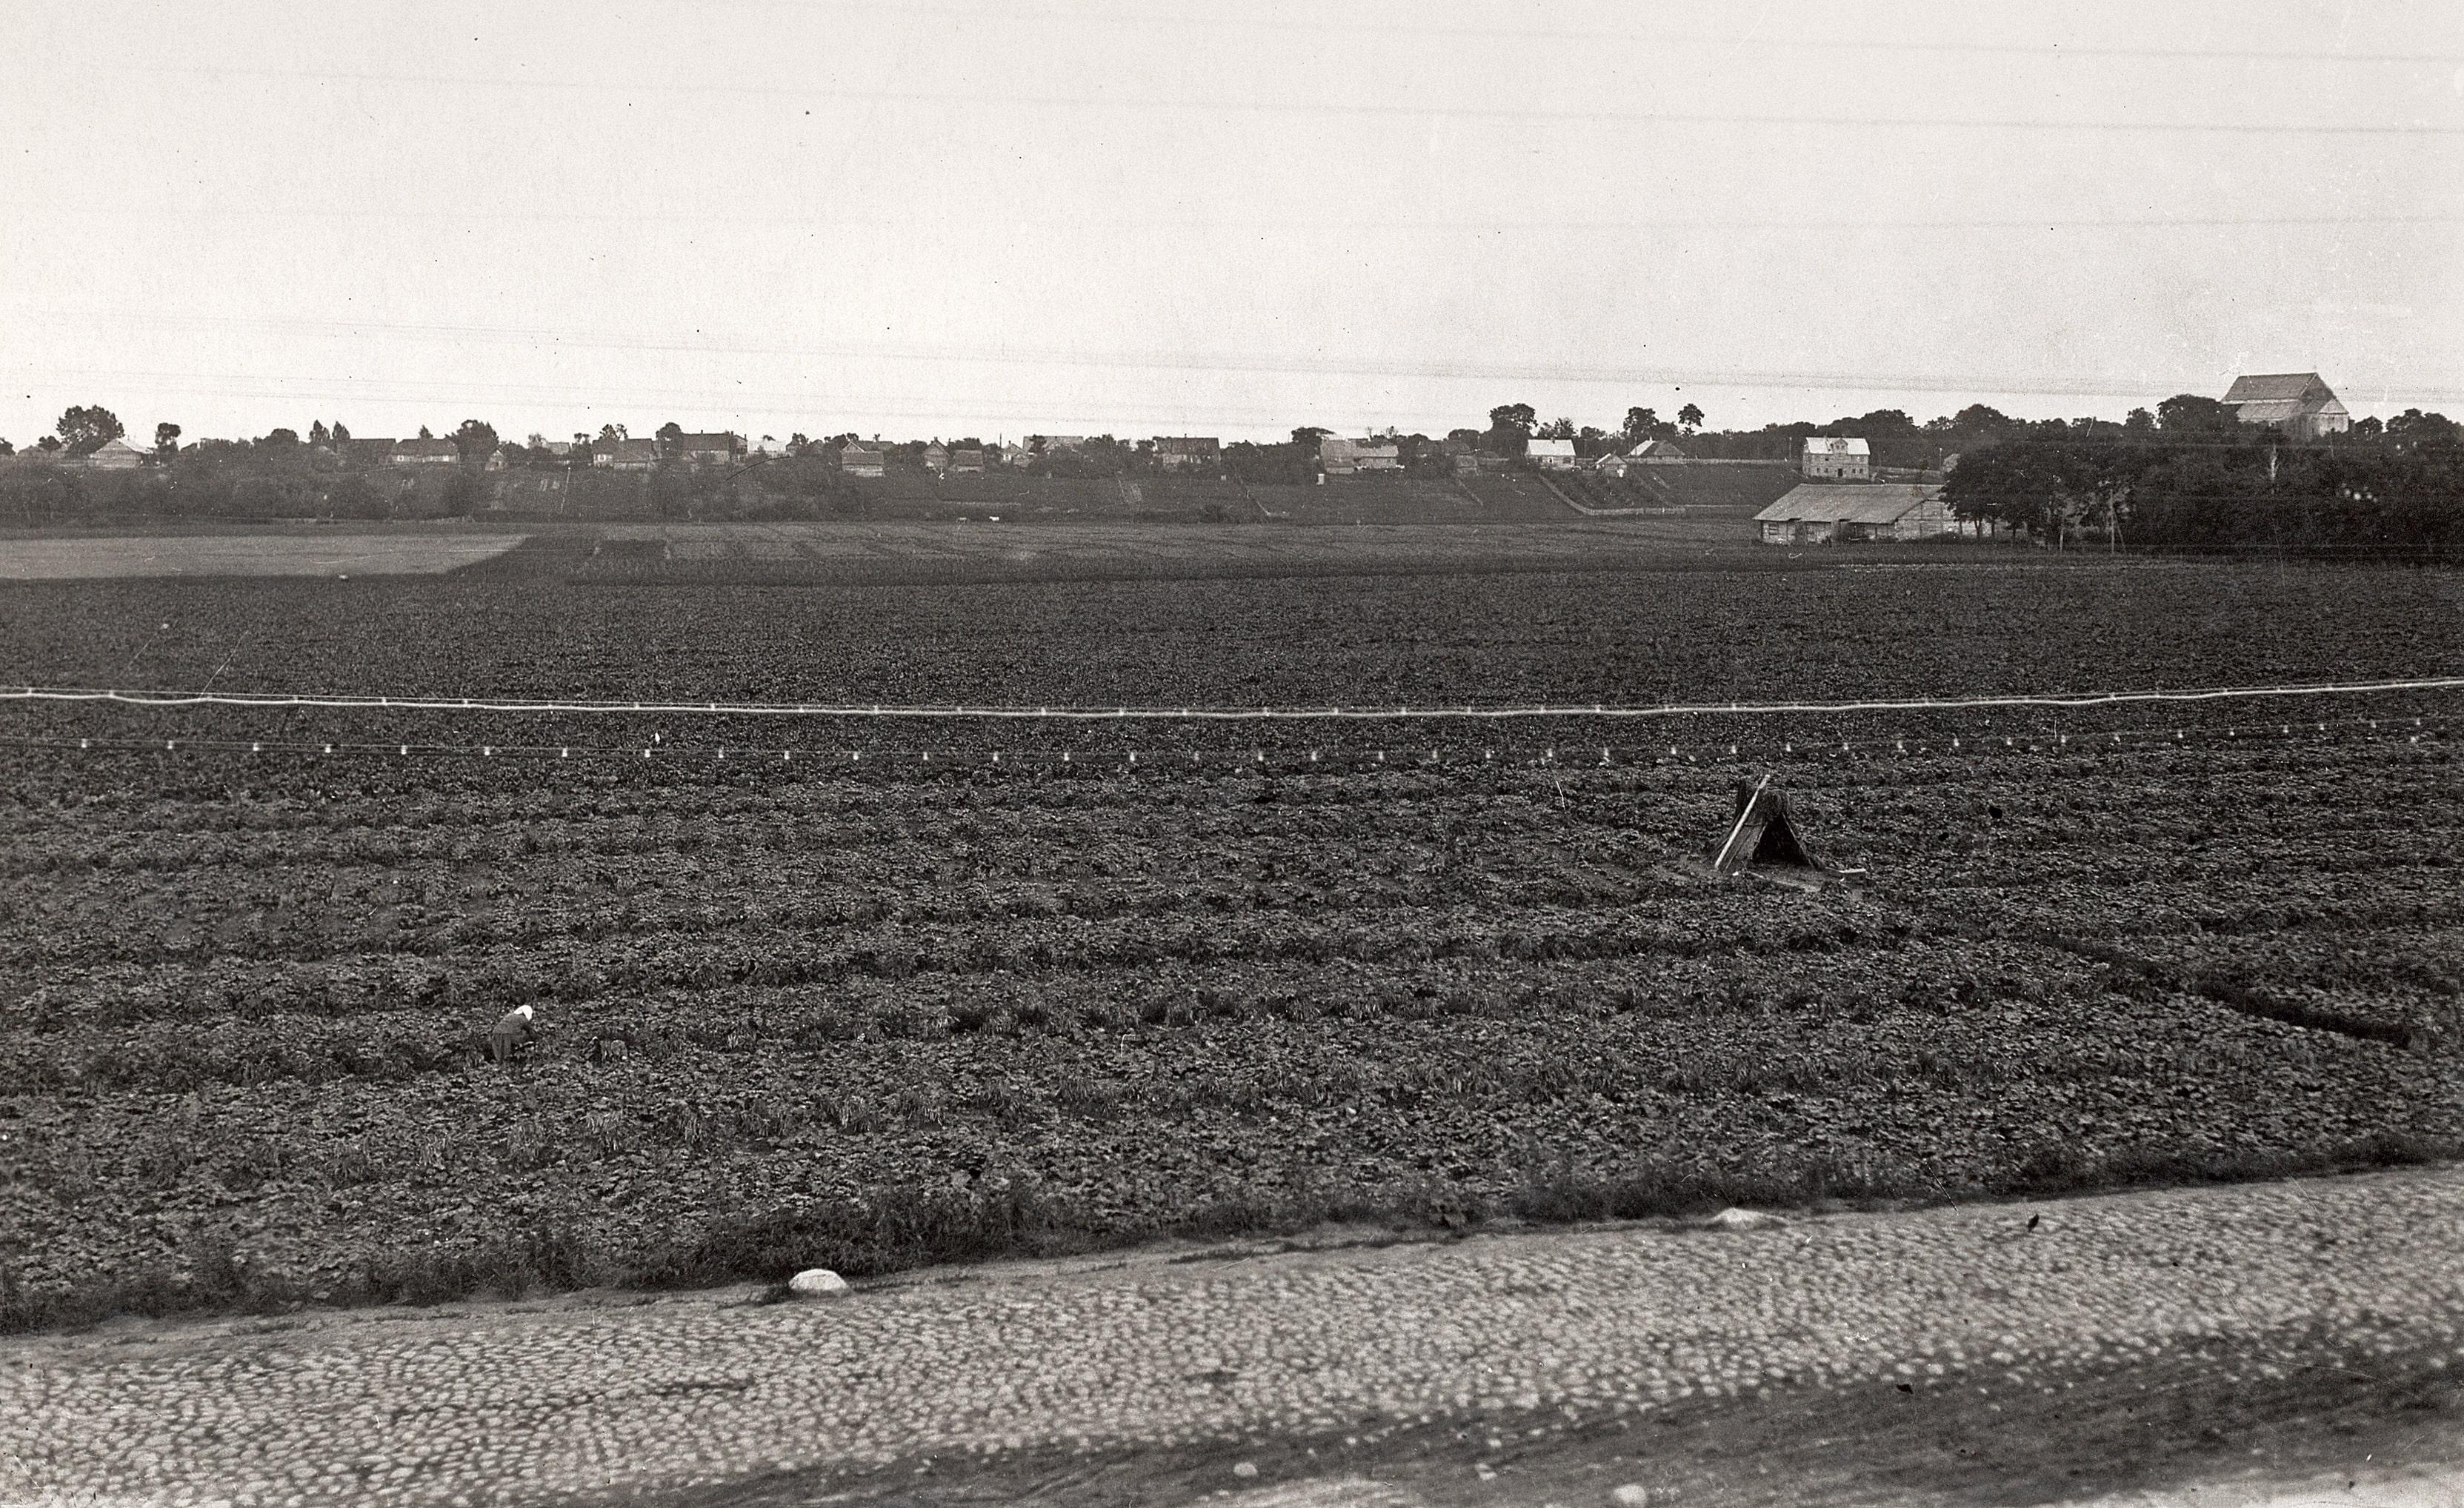 Agurkų laukai buvusio Juozapavos palivarko laukuose (dabar P.Lukšio ir J. Žemaitės gatvių rajonas), XX a. 4 deš.